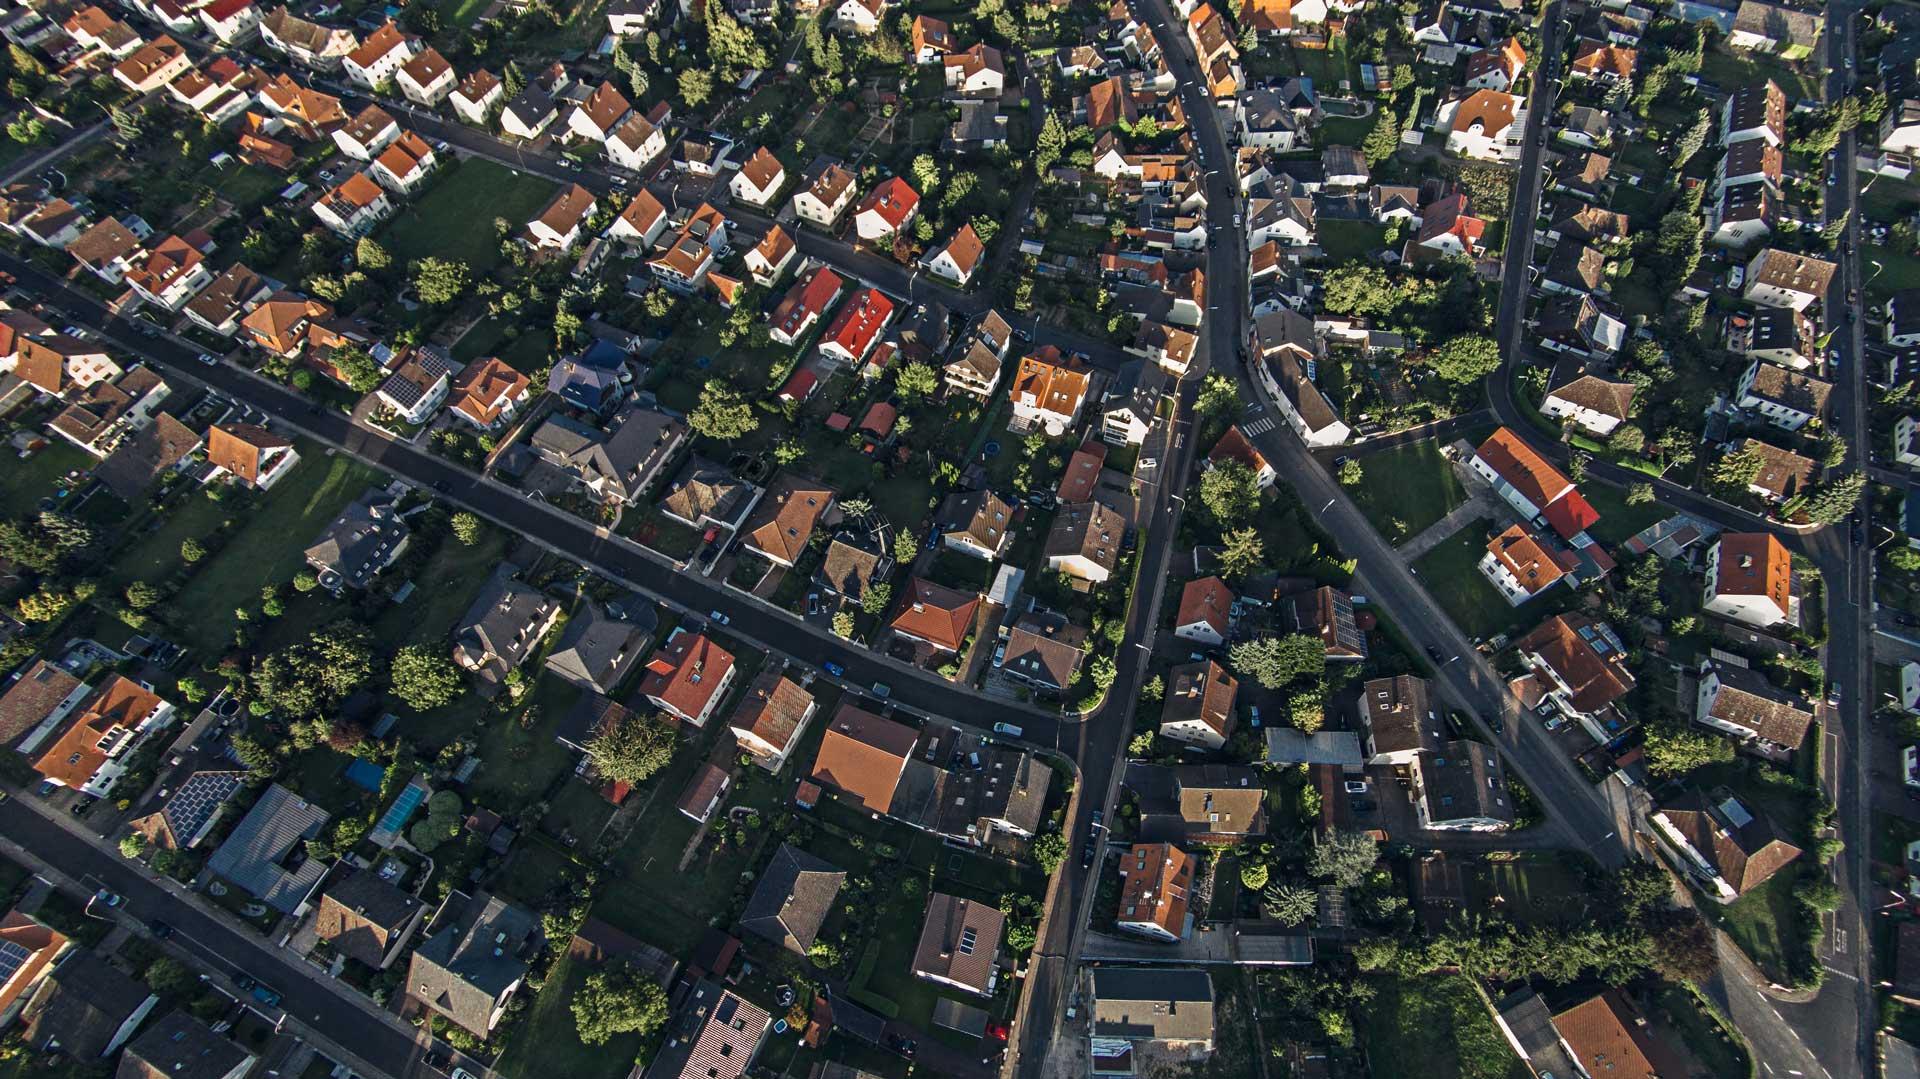 A neighbourhood from a birds' eye view.